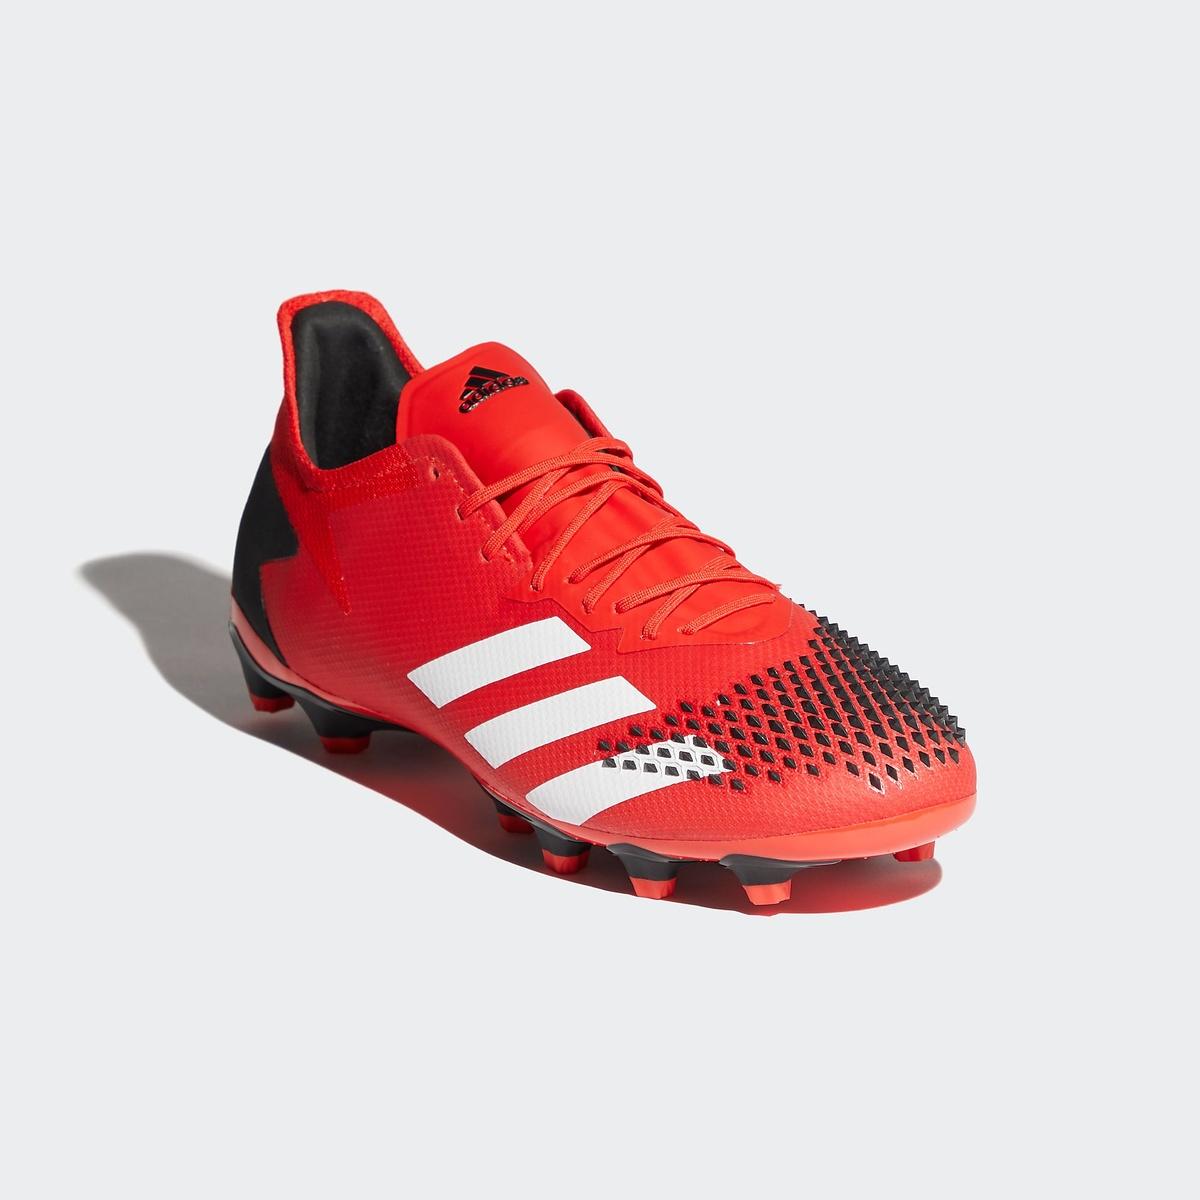 ● 【送料無料】 adidas (アディダス) サッカー スパイク プレデター 20.2 HG/AG メンズ アクティブレッド/フットウェアホワイト/コアブラック KXM34 FV3198